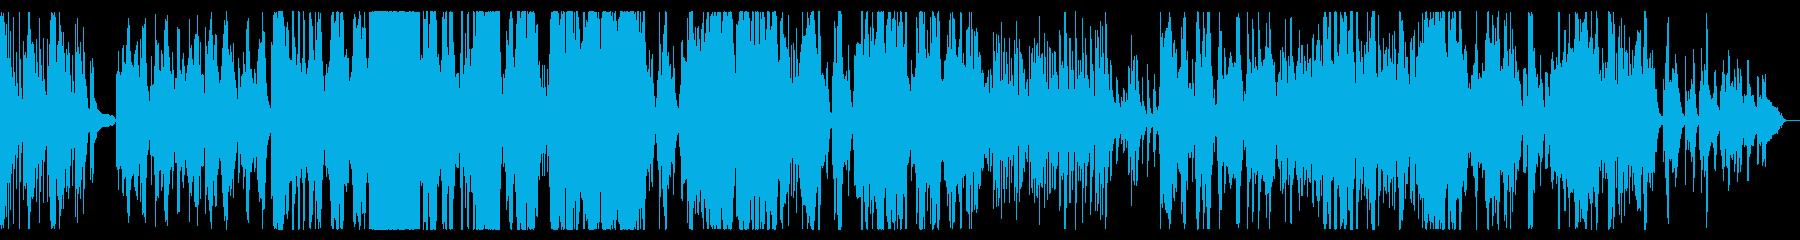 二胡とピアノの生録音によるのどかな楽曲の再生済みの波形